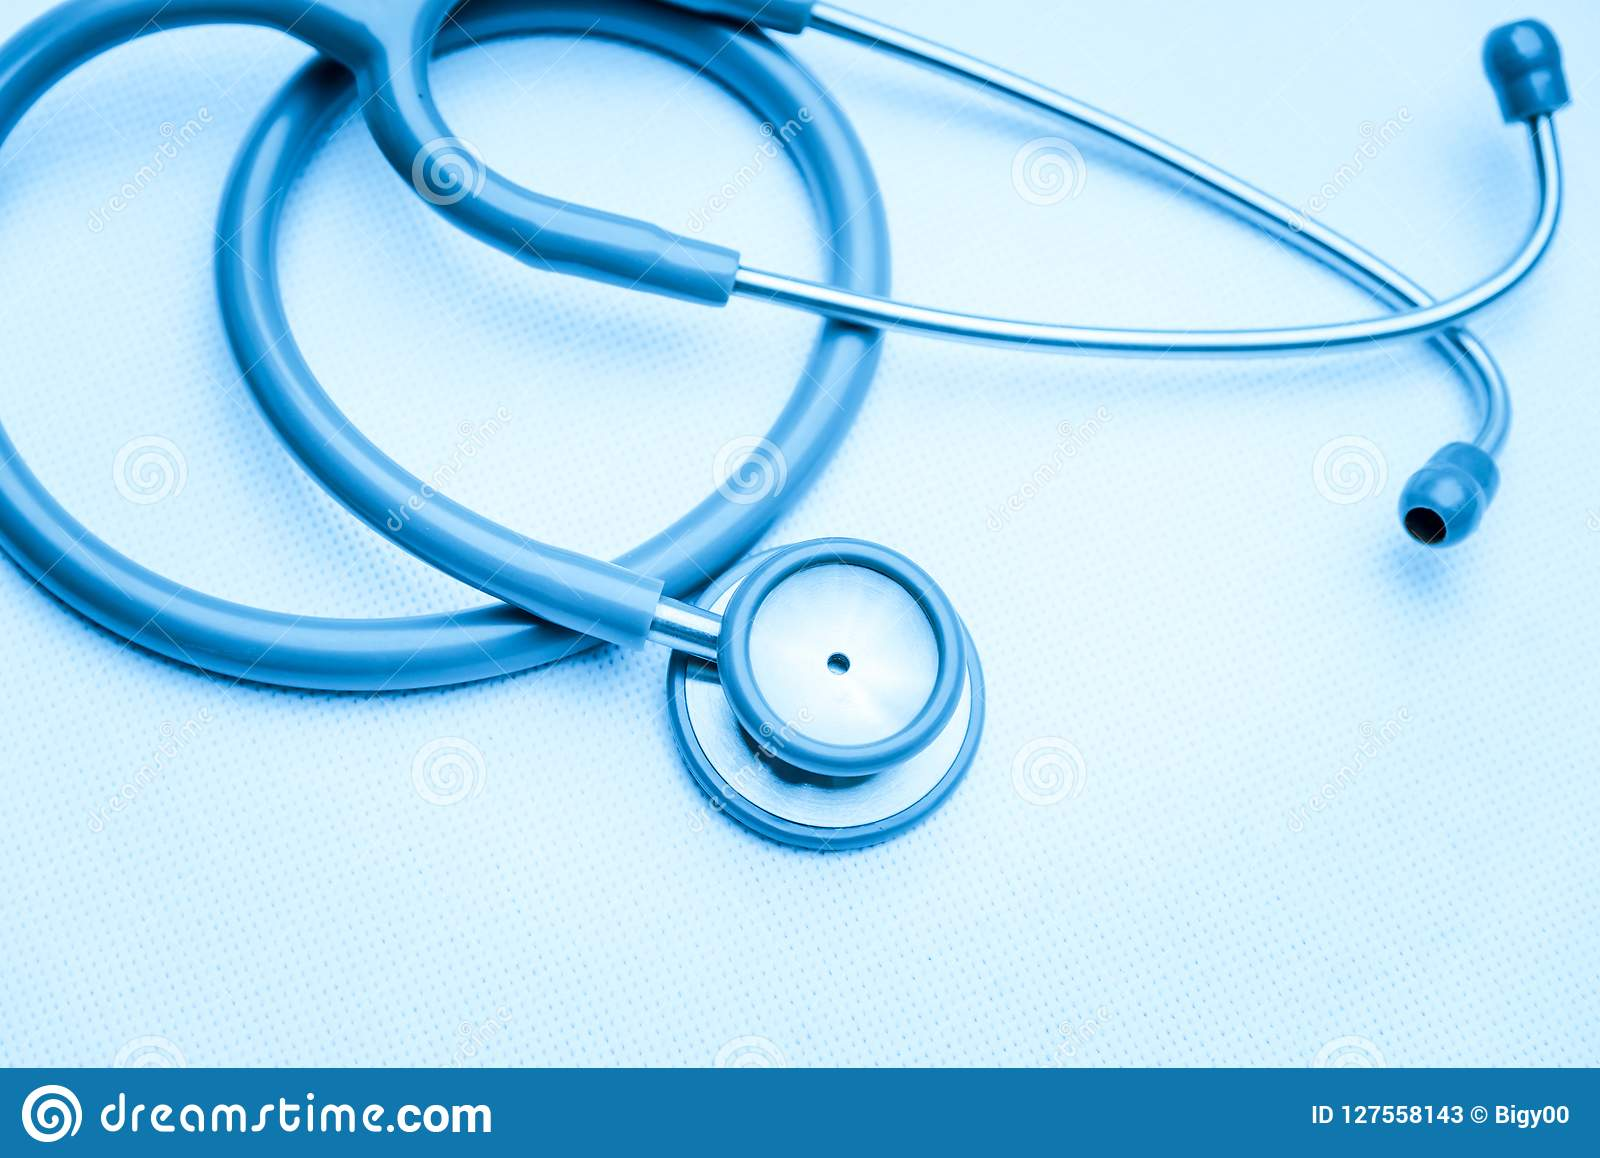 Medicinsk utrustning för stetoskop på vit kanfas instrumenterar apparaten för doktor stetoskop för pengar för begreppsliesmedicin